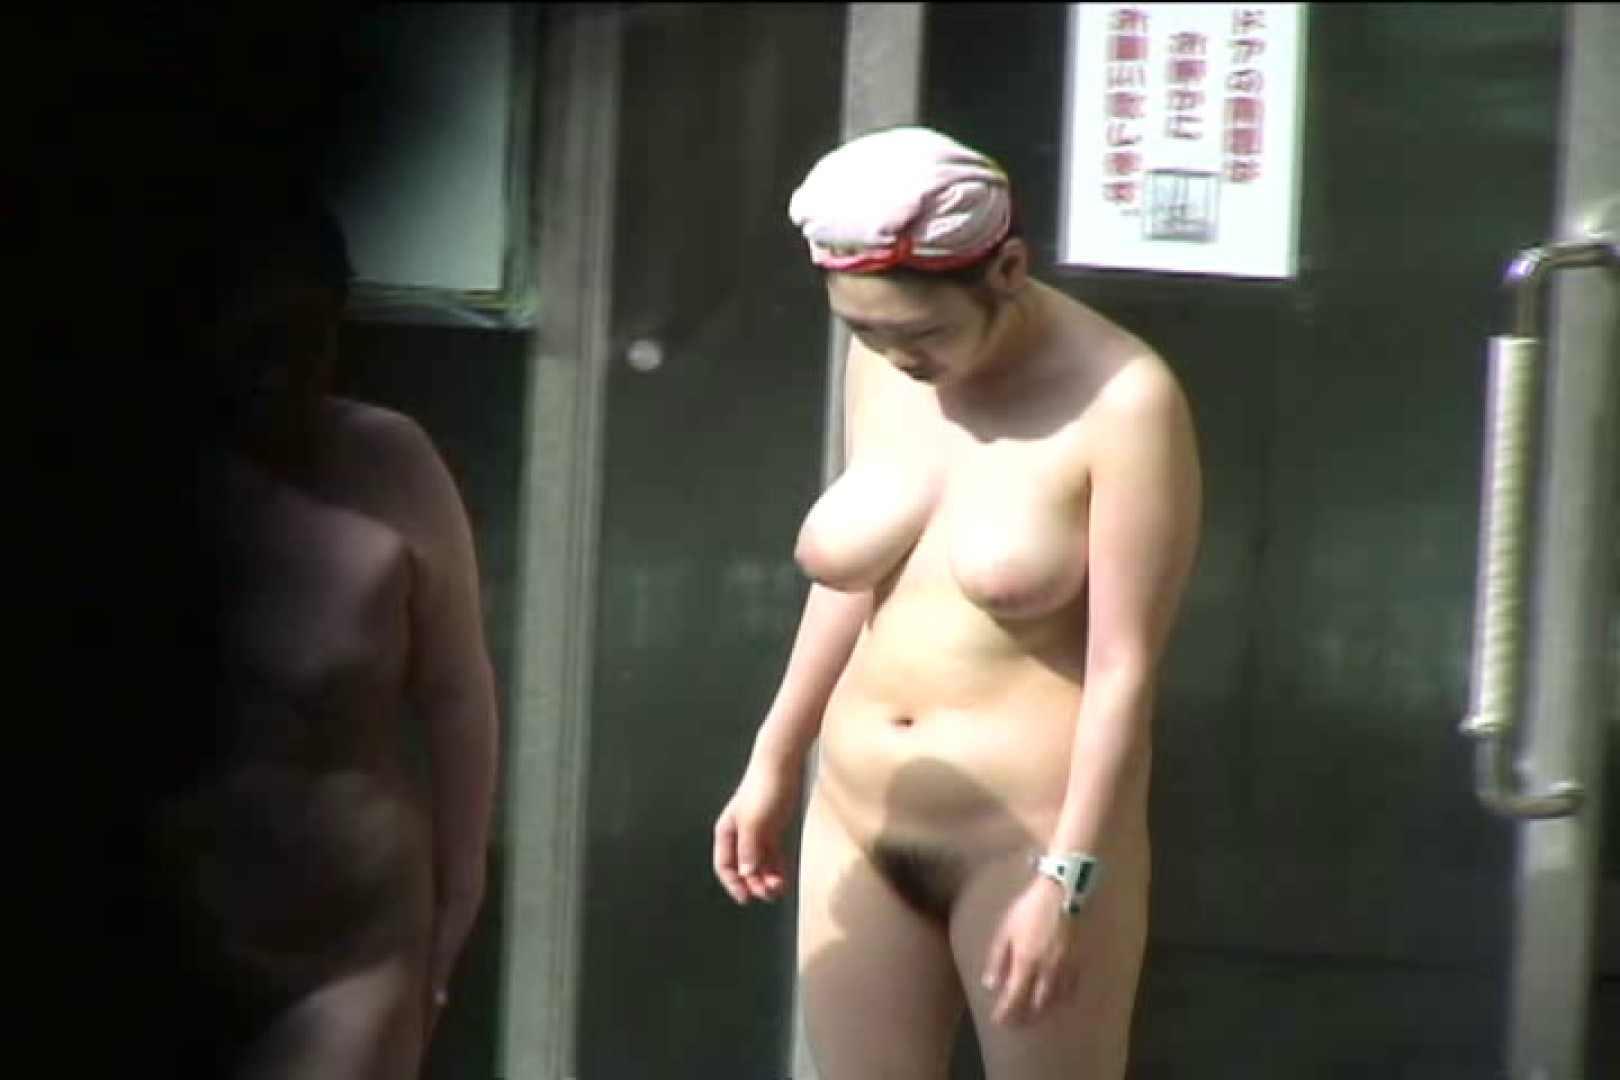 Aquaな露天風呂Vol.454 綺麗なOLたち | 盗撮  92枚 31